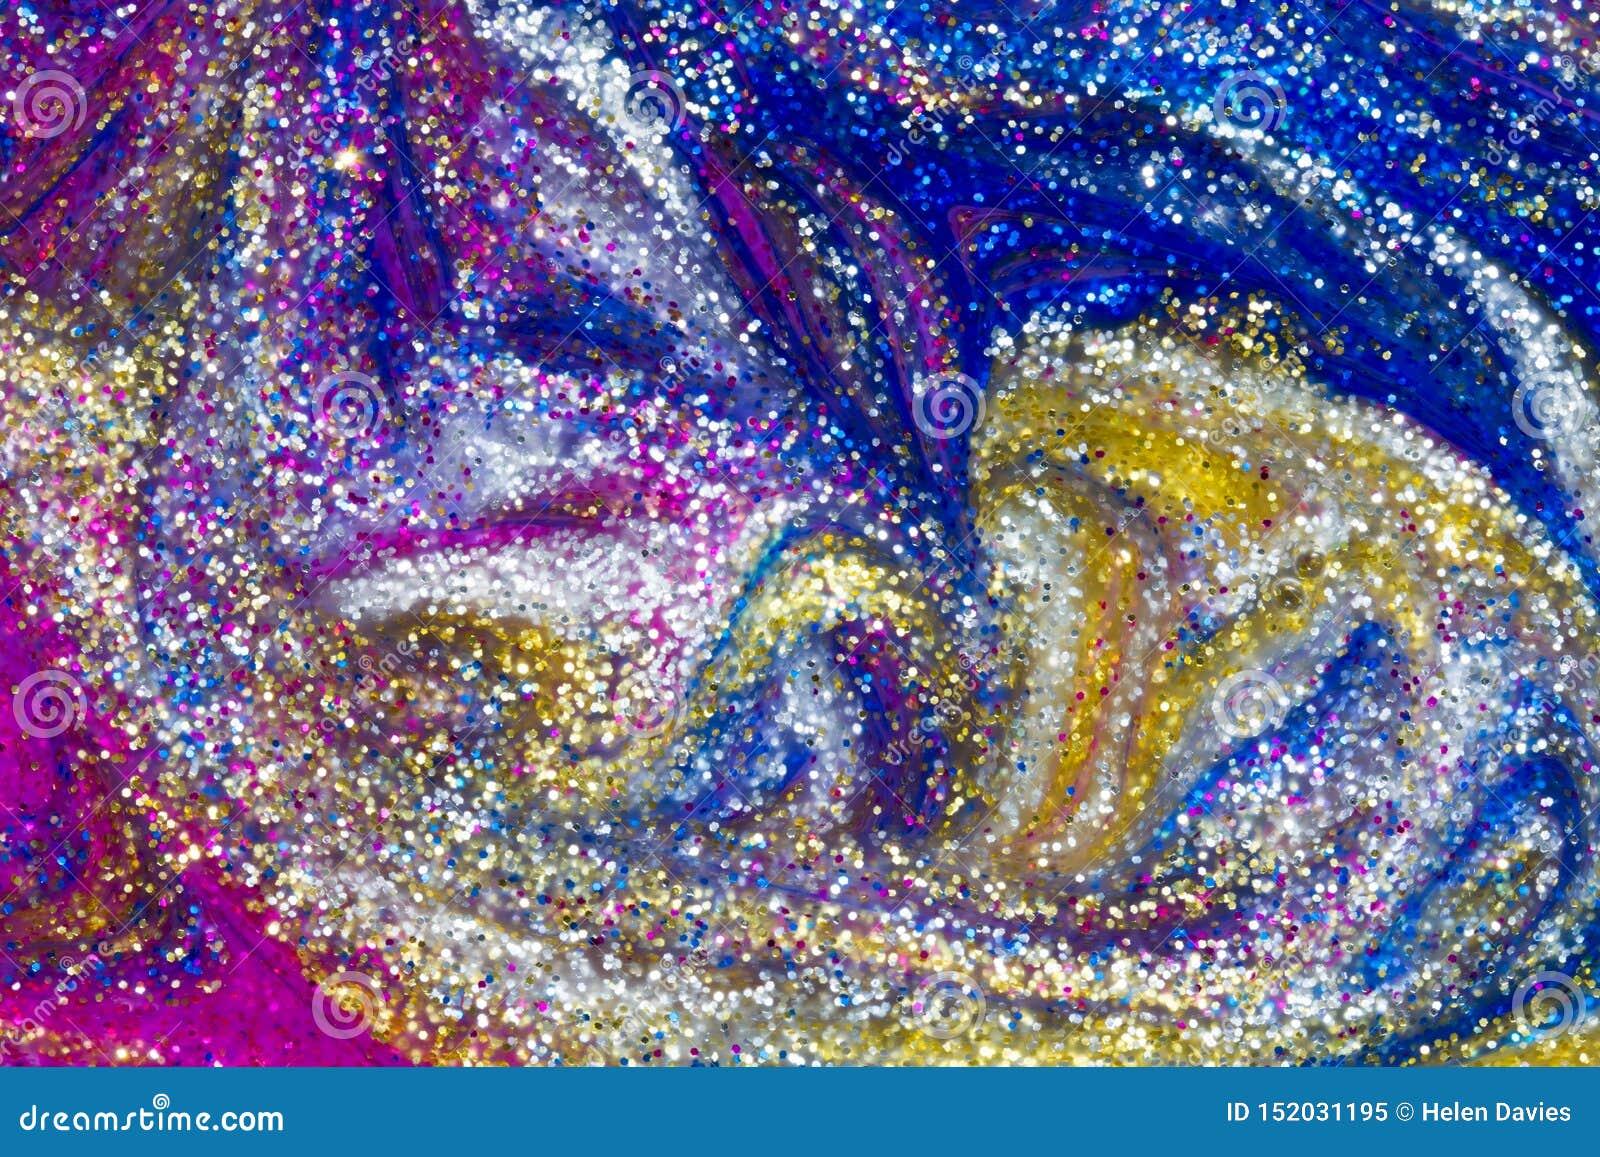 Το αφηρημένο υπόβαθρο πολυτέλειας ακτινοβολεί στρόβιλοι χρωμάτων